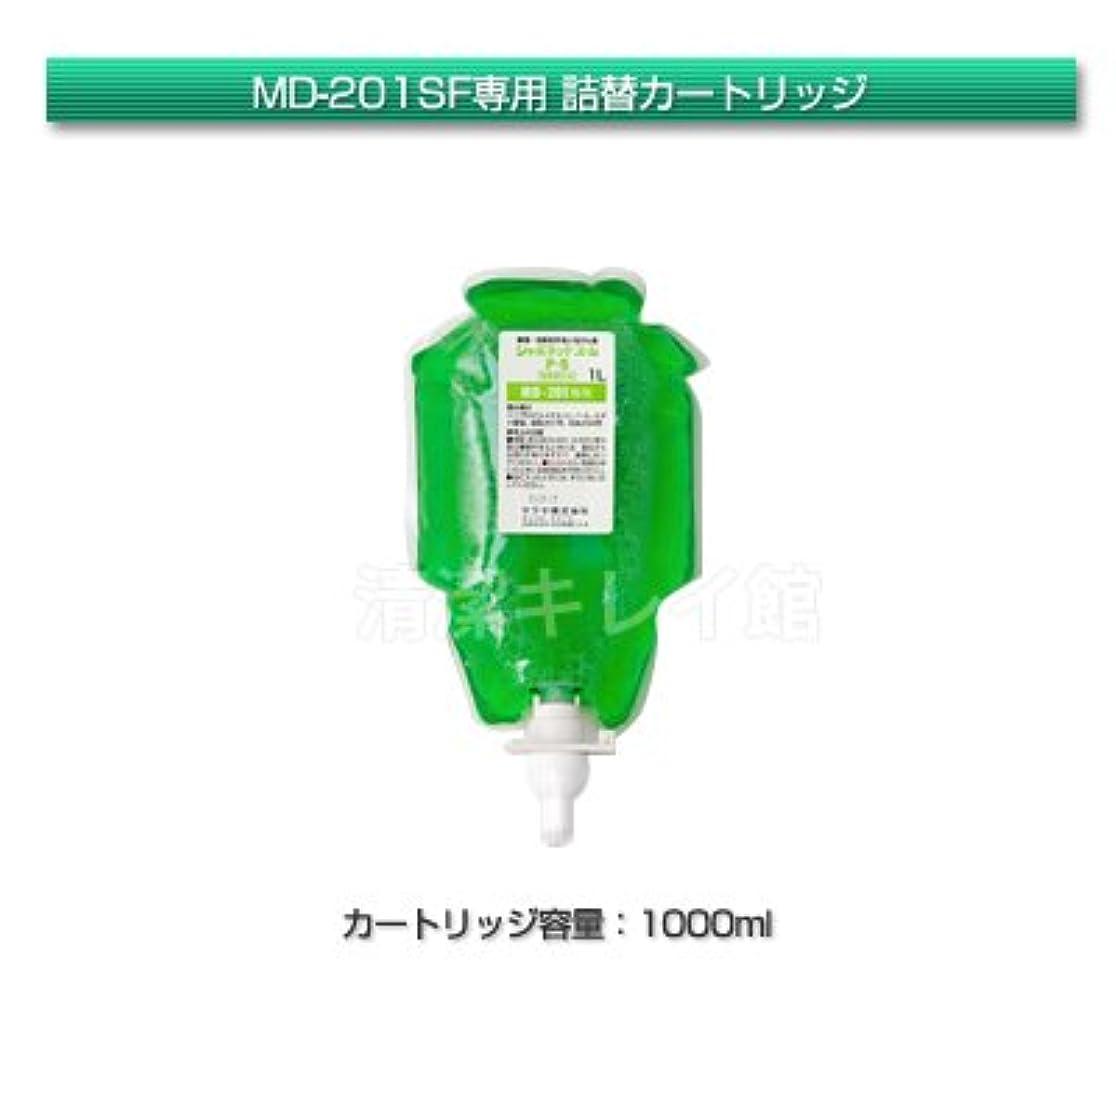 キリンはい算術サラヤ プッシュ式石鹸液 MD-201SF(泡)専用カートリッジ(ユムP-5)1000ml【清潔キレイ館】